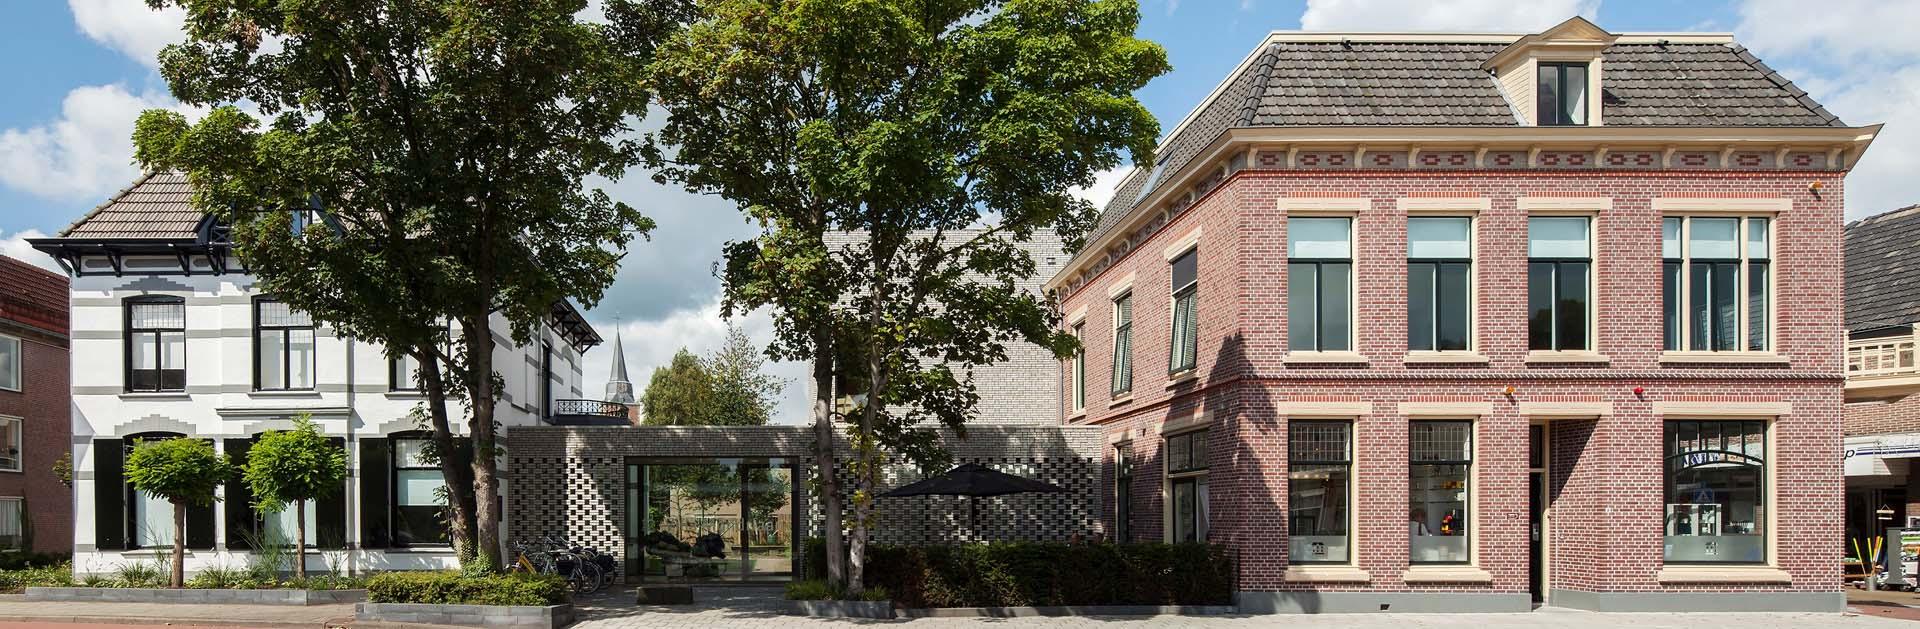 Villa Mondriaan - Winterswijk Regio Achterhoek - Liemers